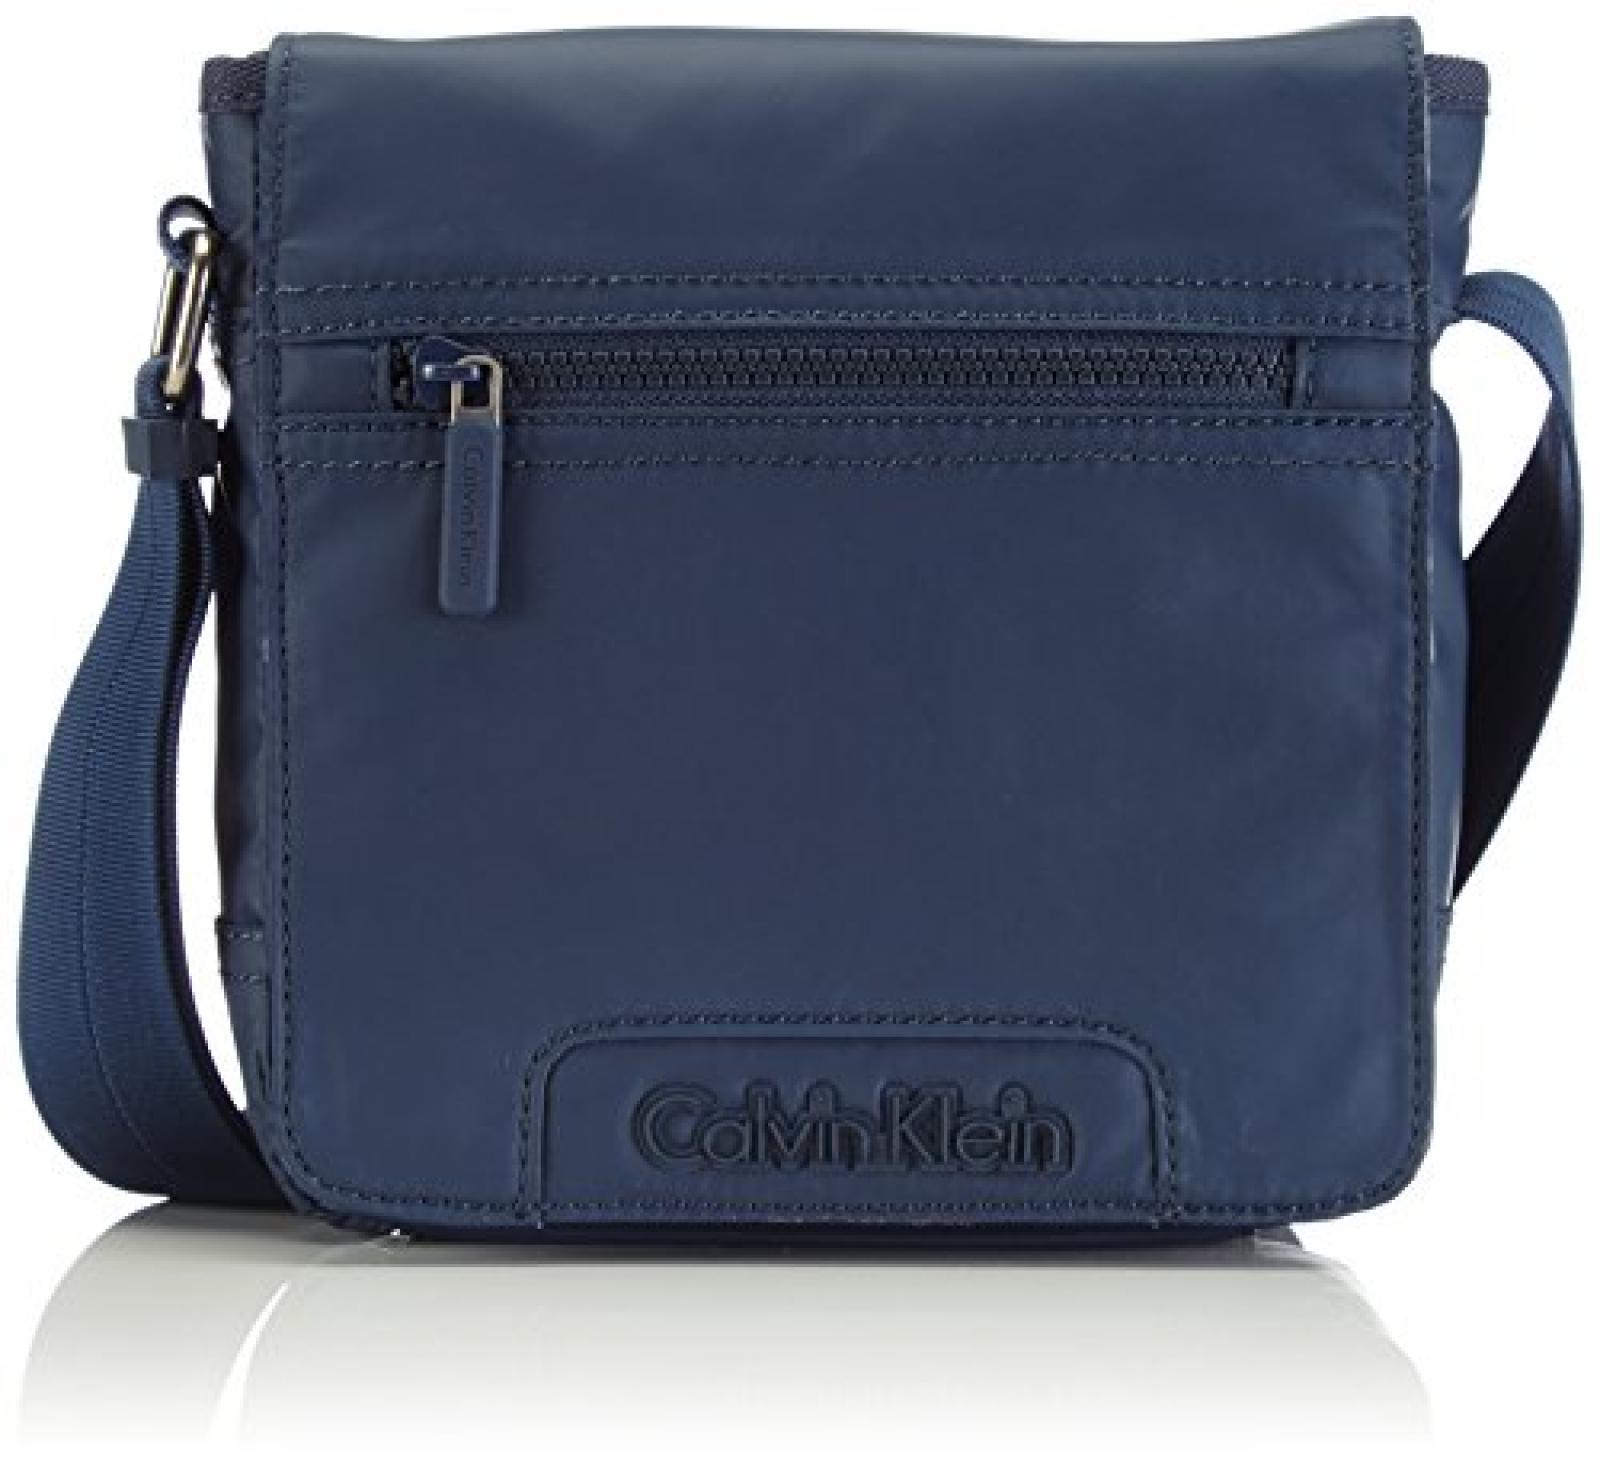 Calvin Klein Jeans METRO REPORTER WITH FLAP J5EJ500492 Herren Umhängetaschen 19x22x7 cm (B x H x T)